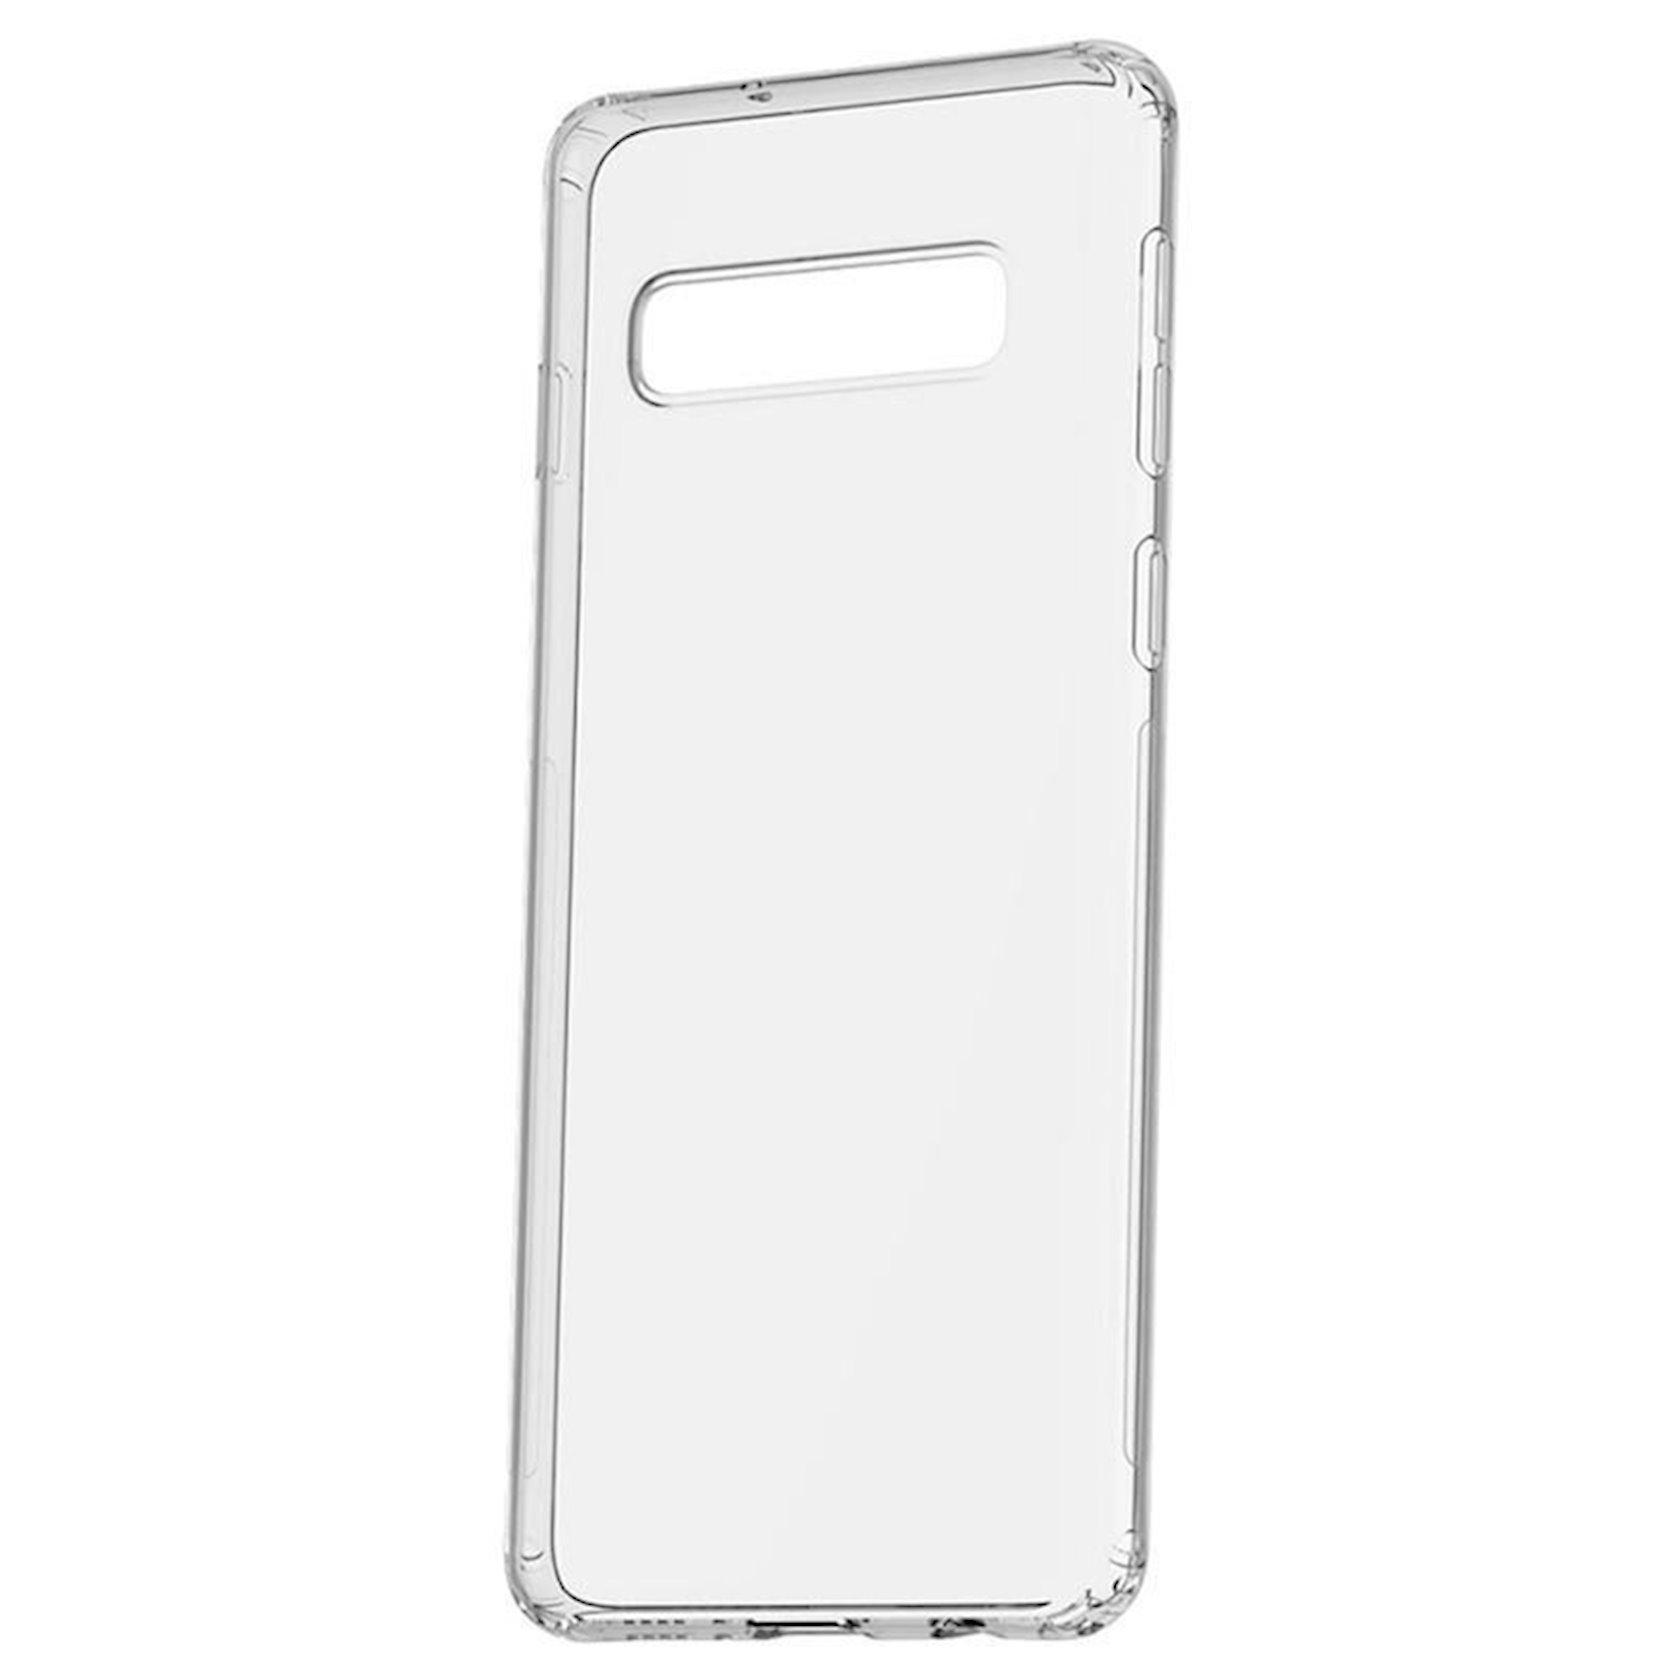 Çexol Baseus ARSAS10P-02 Simple Transparent Samsung Galaxy S10 Plus  üçün